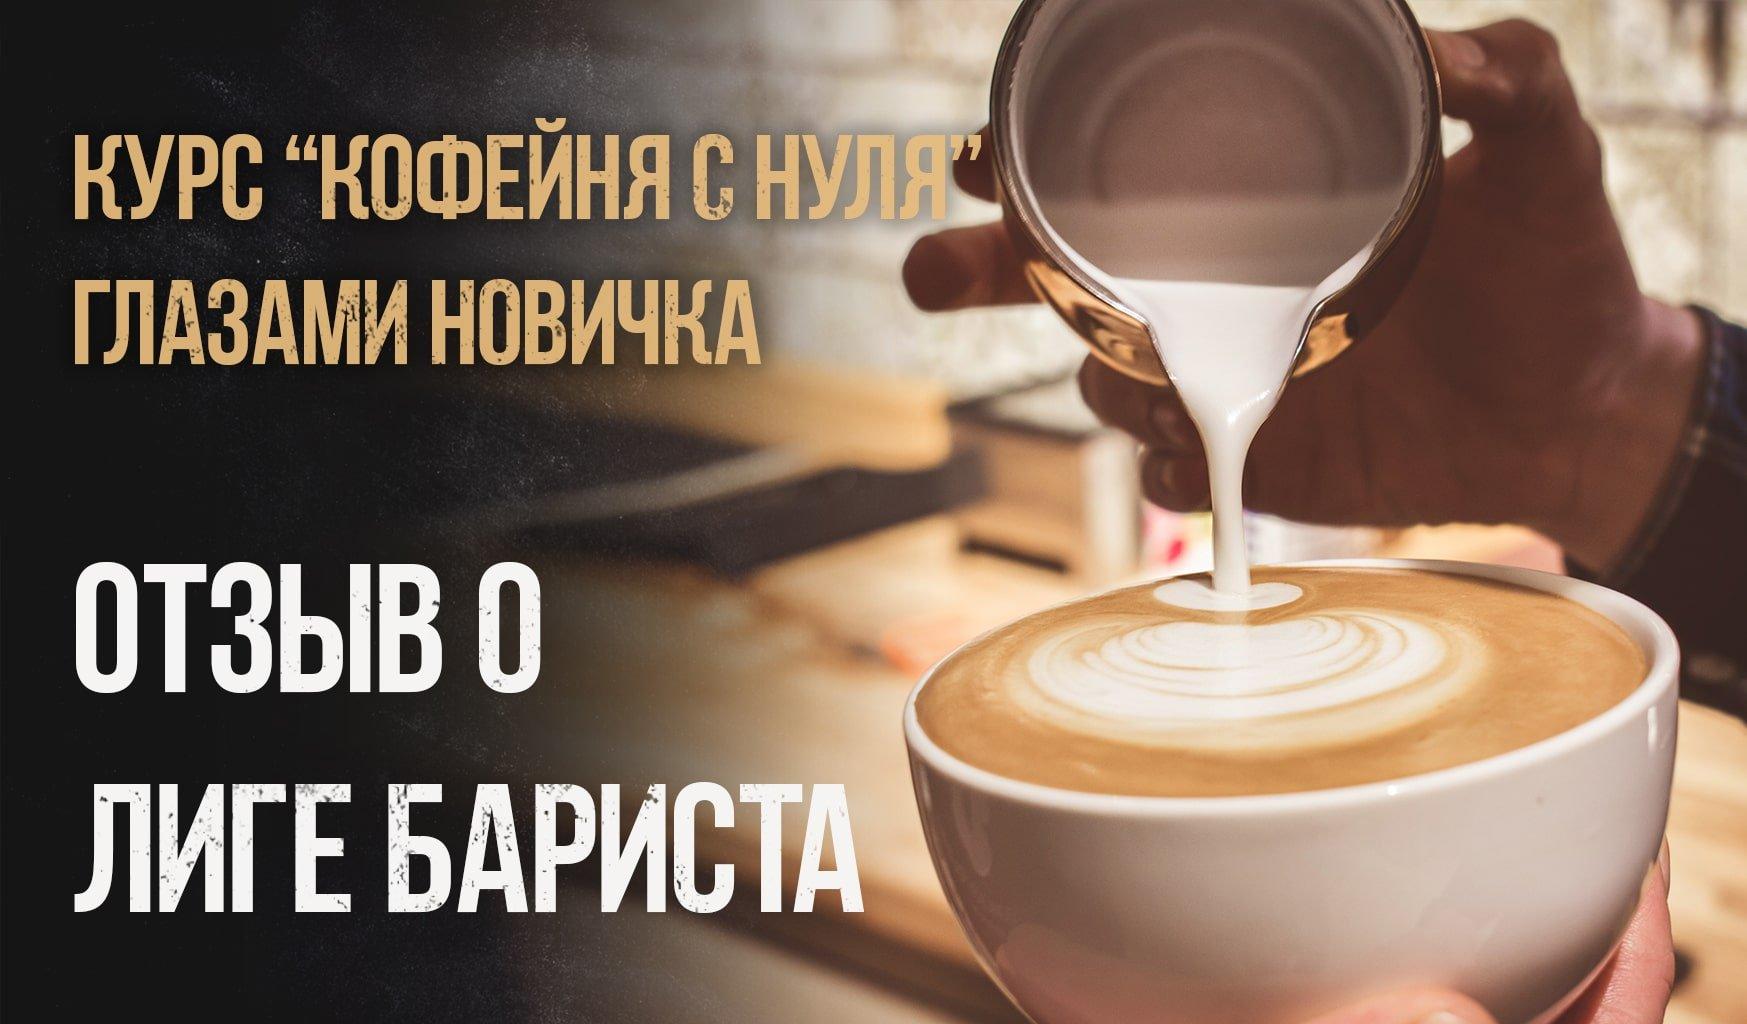 """Отзыв о прохождении курса """"Кофейня с нуля"""" при Лиге бариста"""